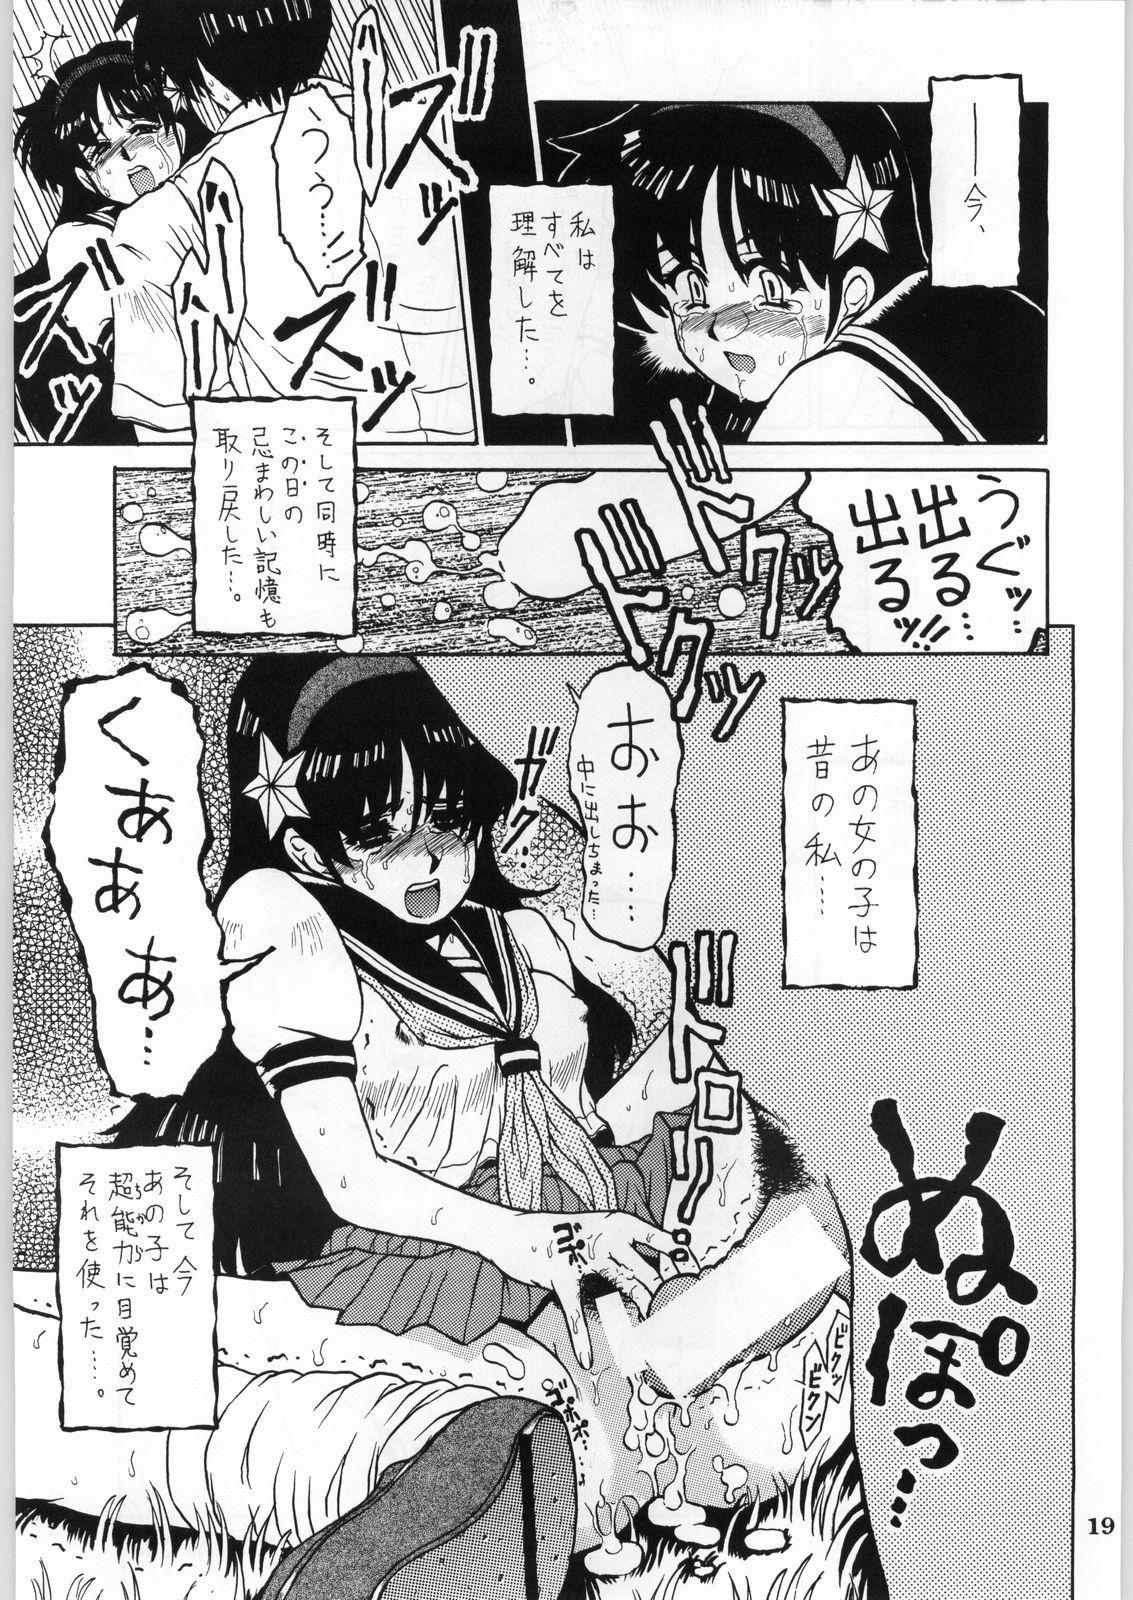 Shikiyoku Hokkedan 8 18